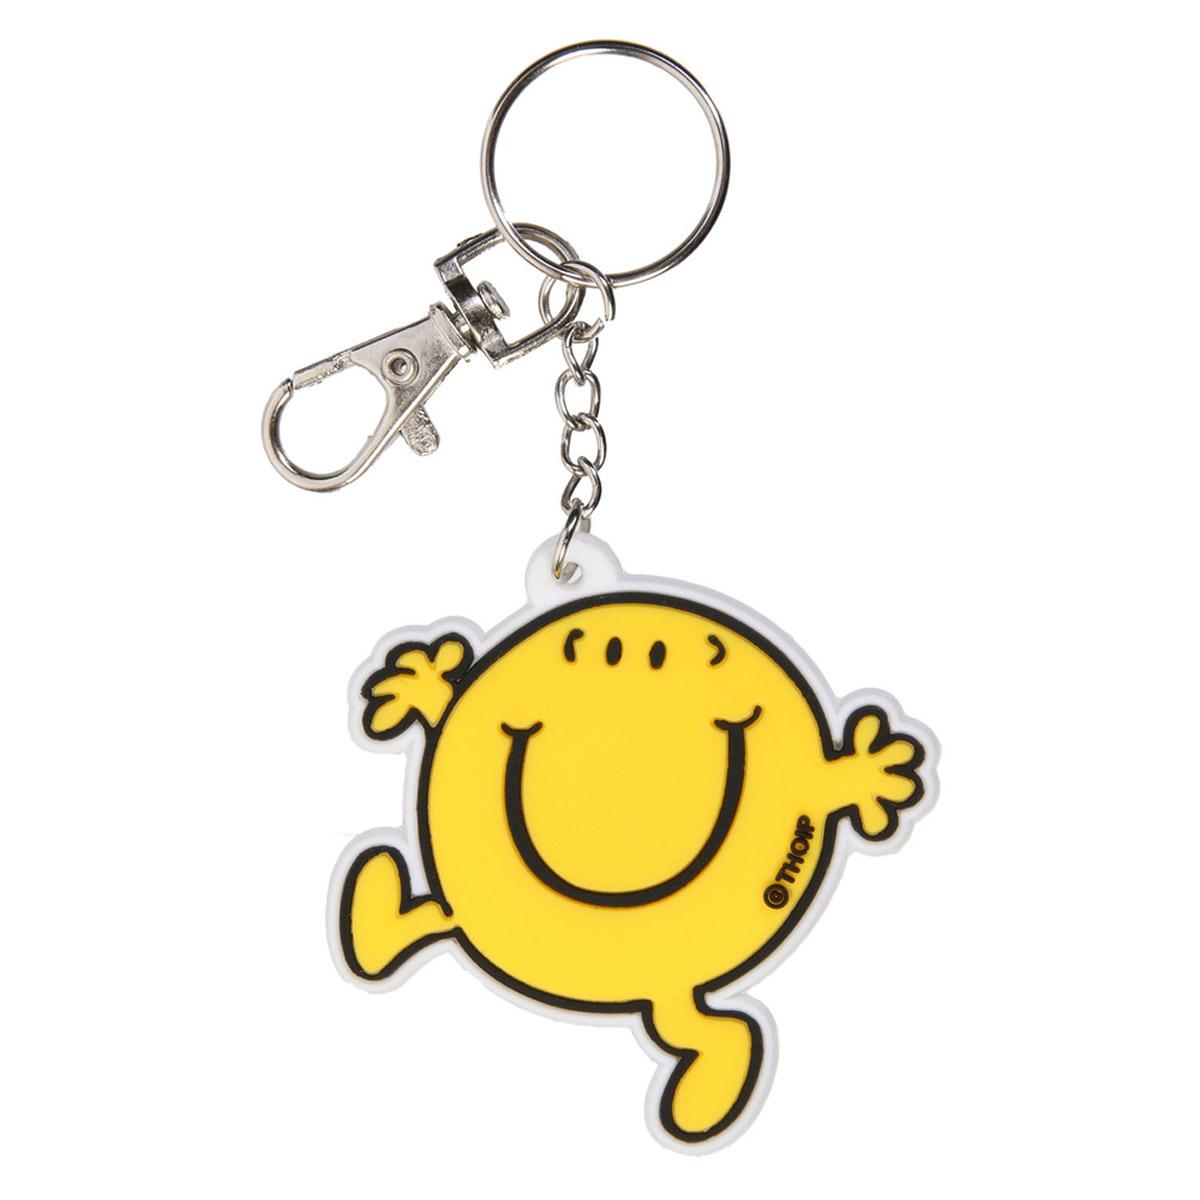 Porte-clés pvc \'Monsieur Madame\' jaune - 60x60 mm - [R2463]